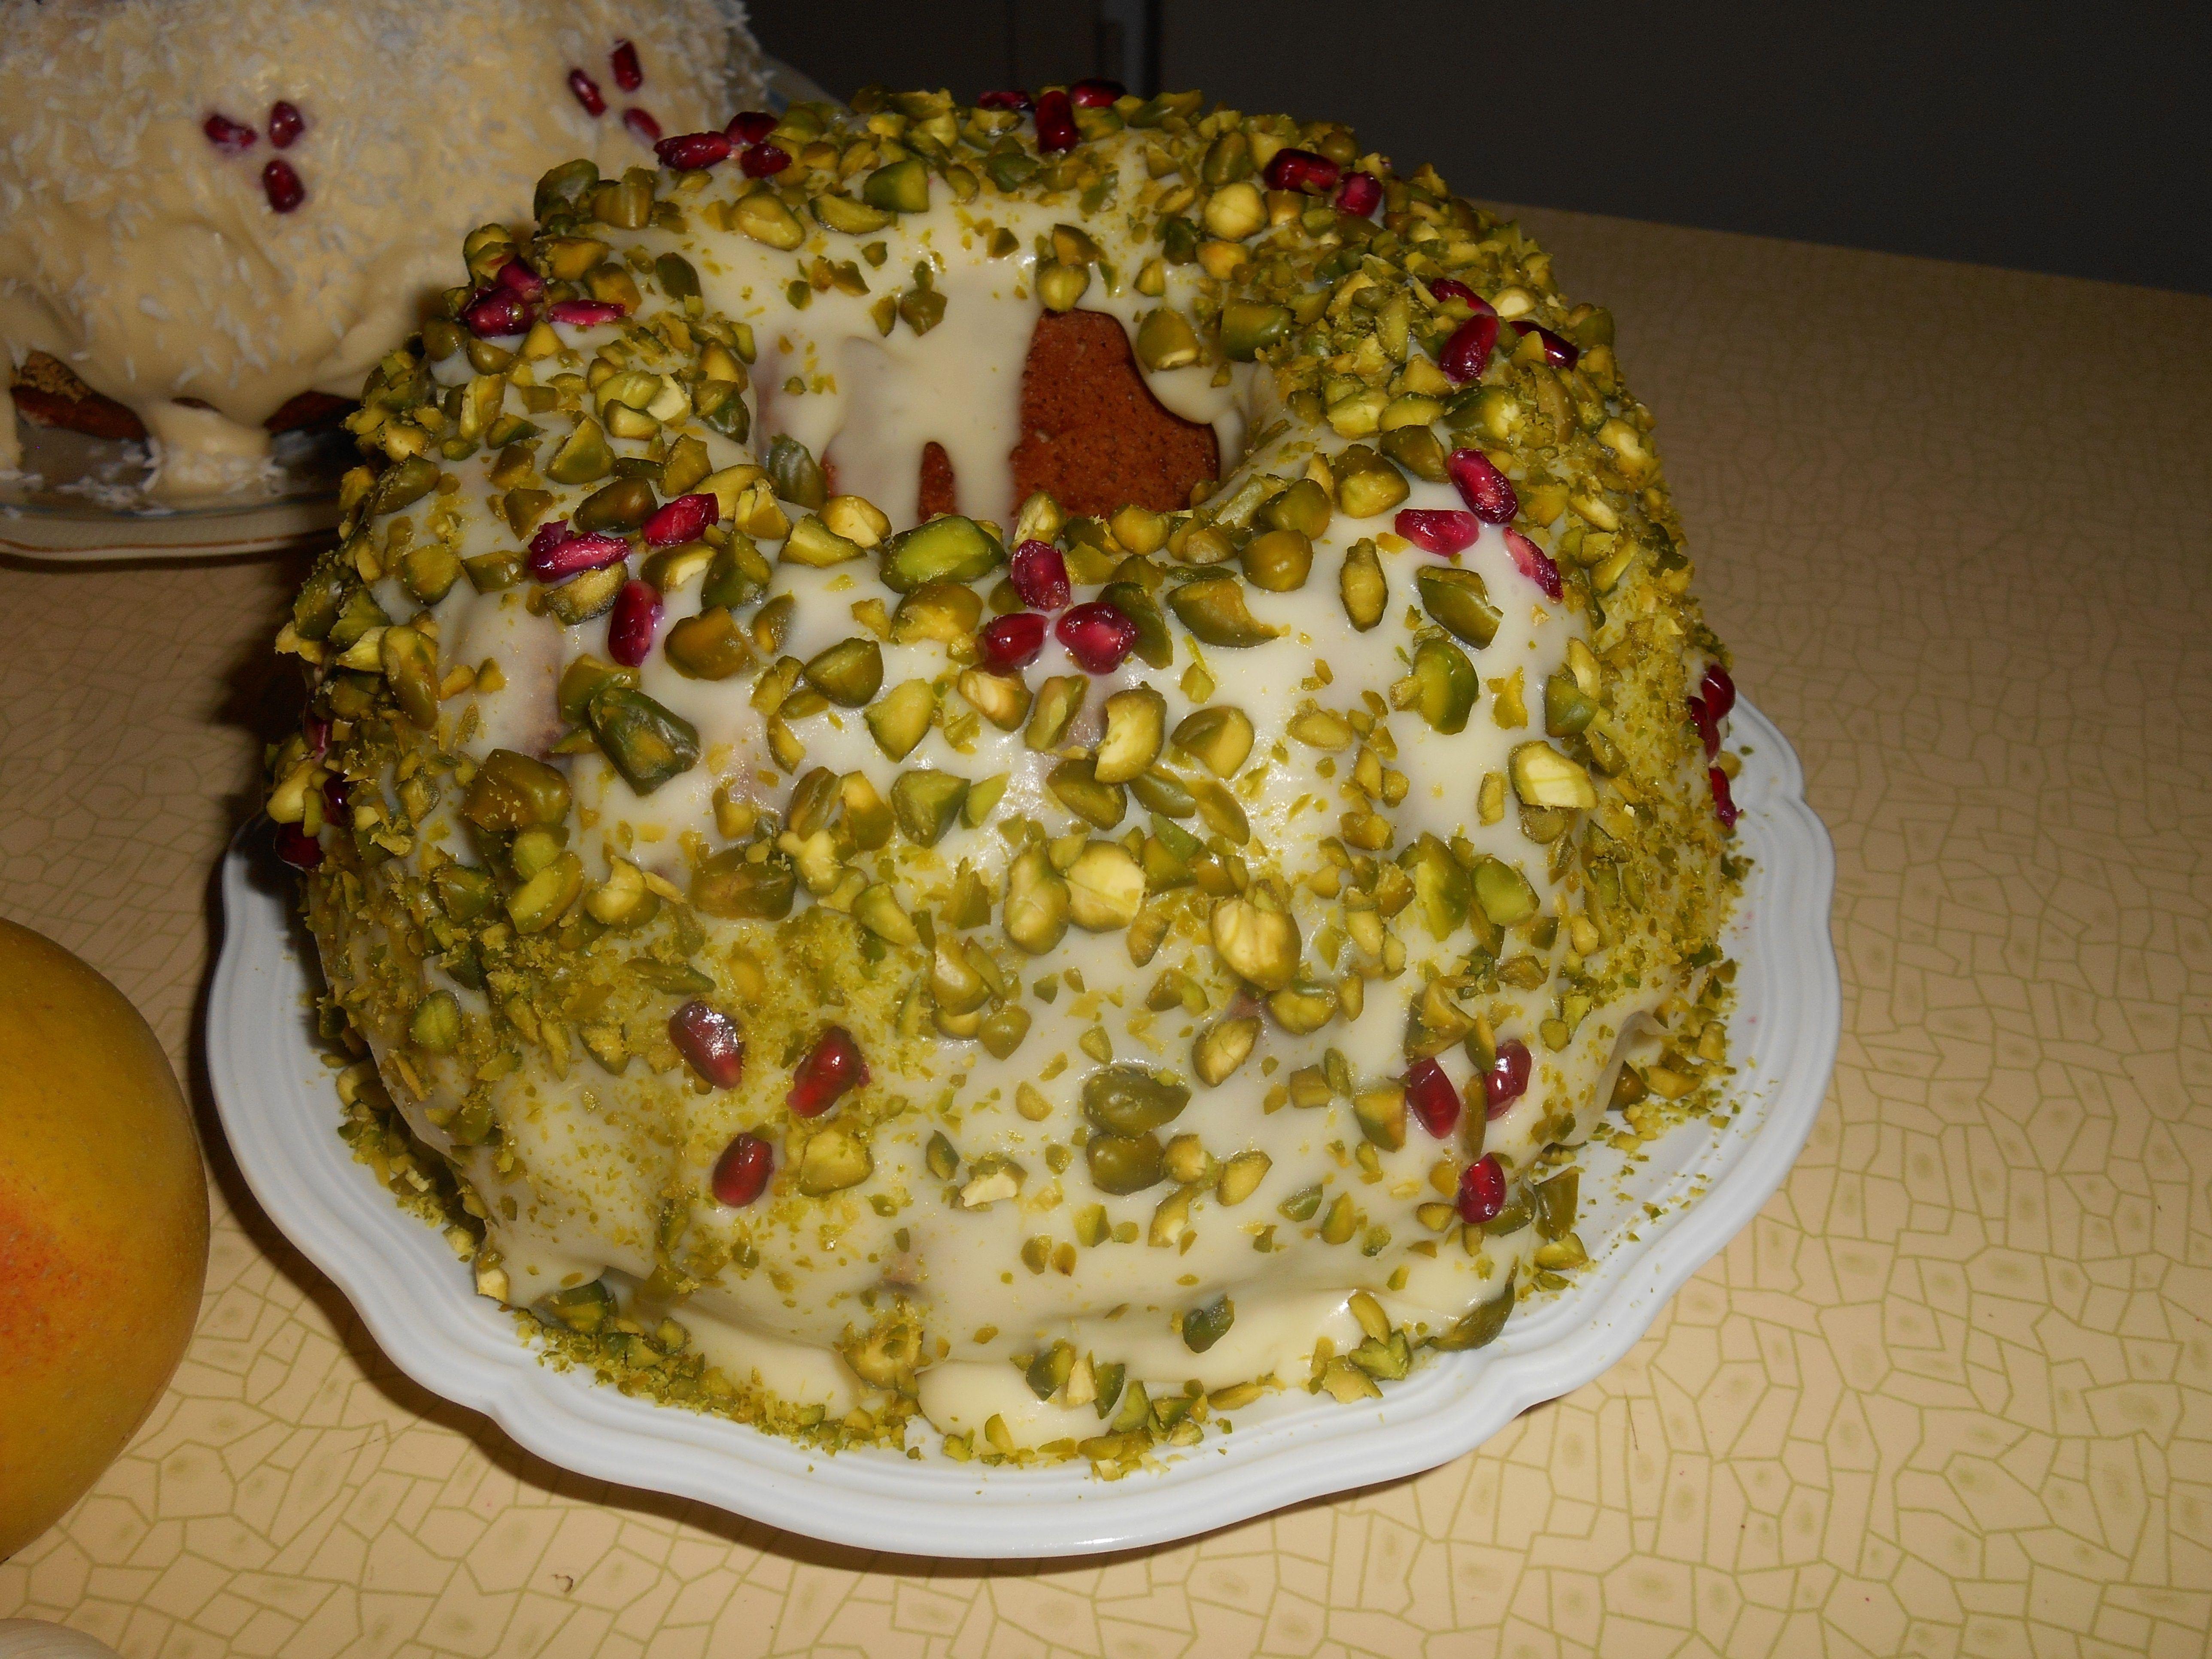 Nouruz Kuchen mit Teig Hermann, Mandeln, Pistazien, Kardamom, Vanille, Zitronenschale, Buttercreme und ein paar Granatapfelkernen